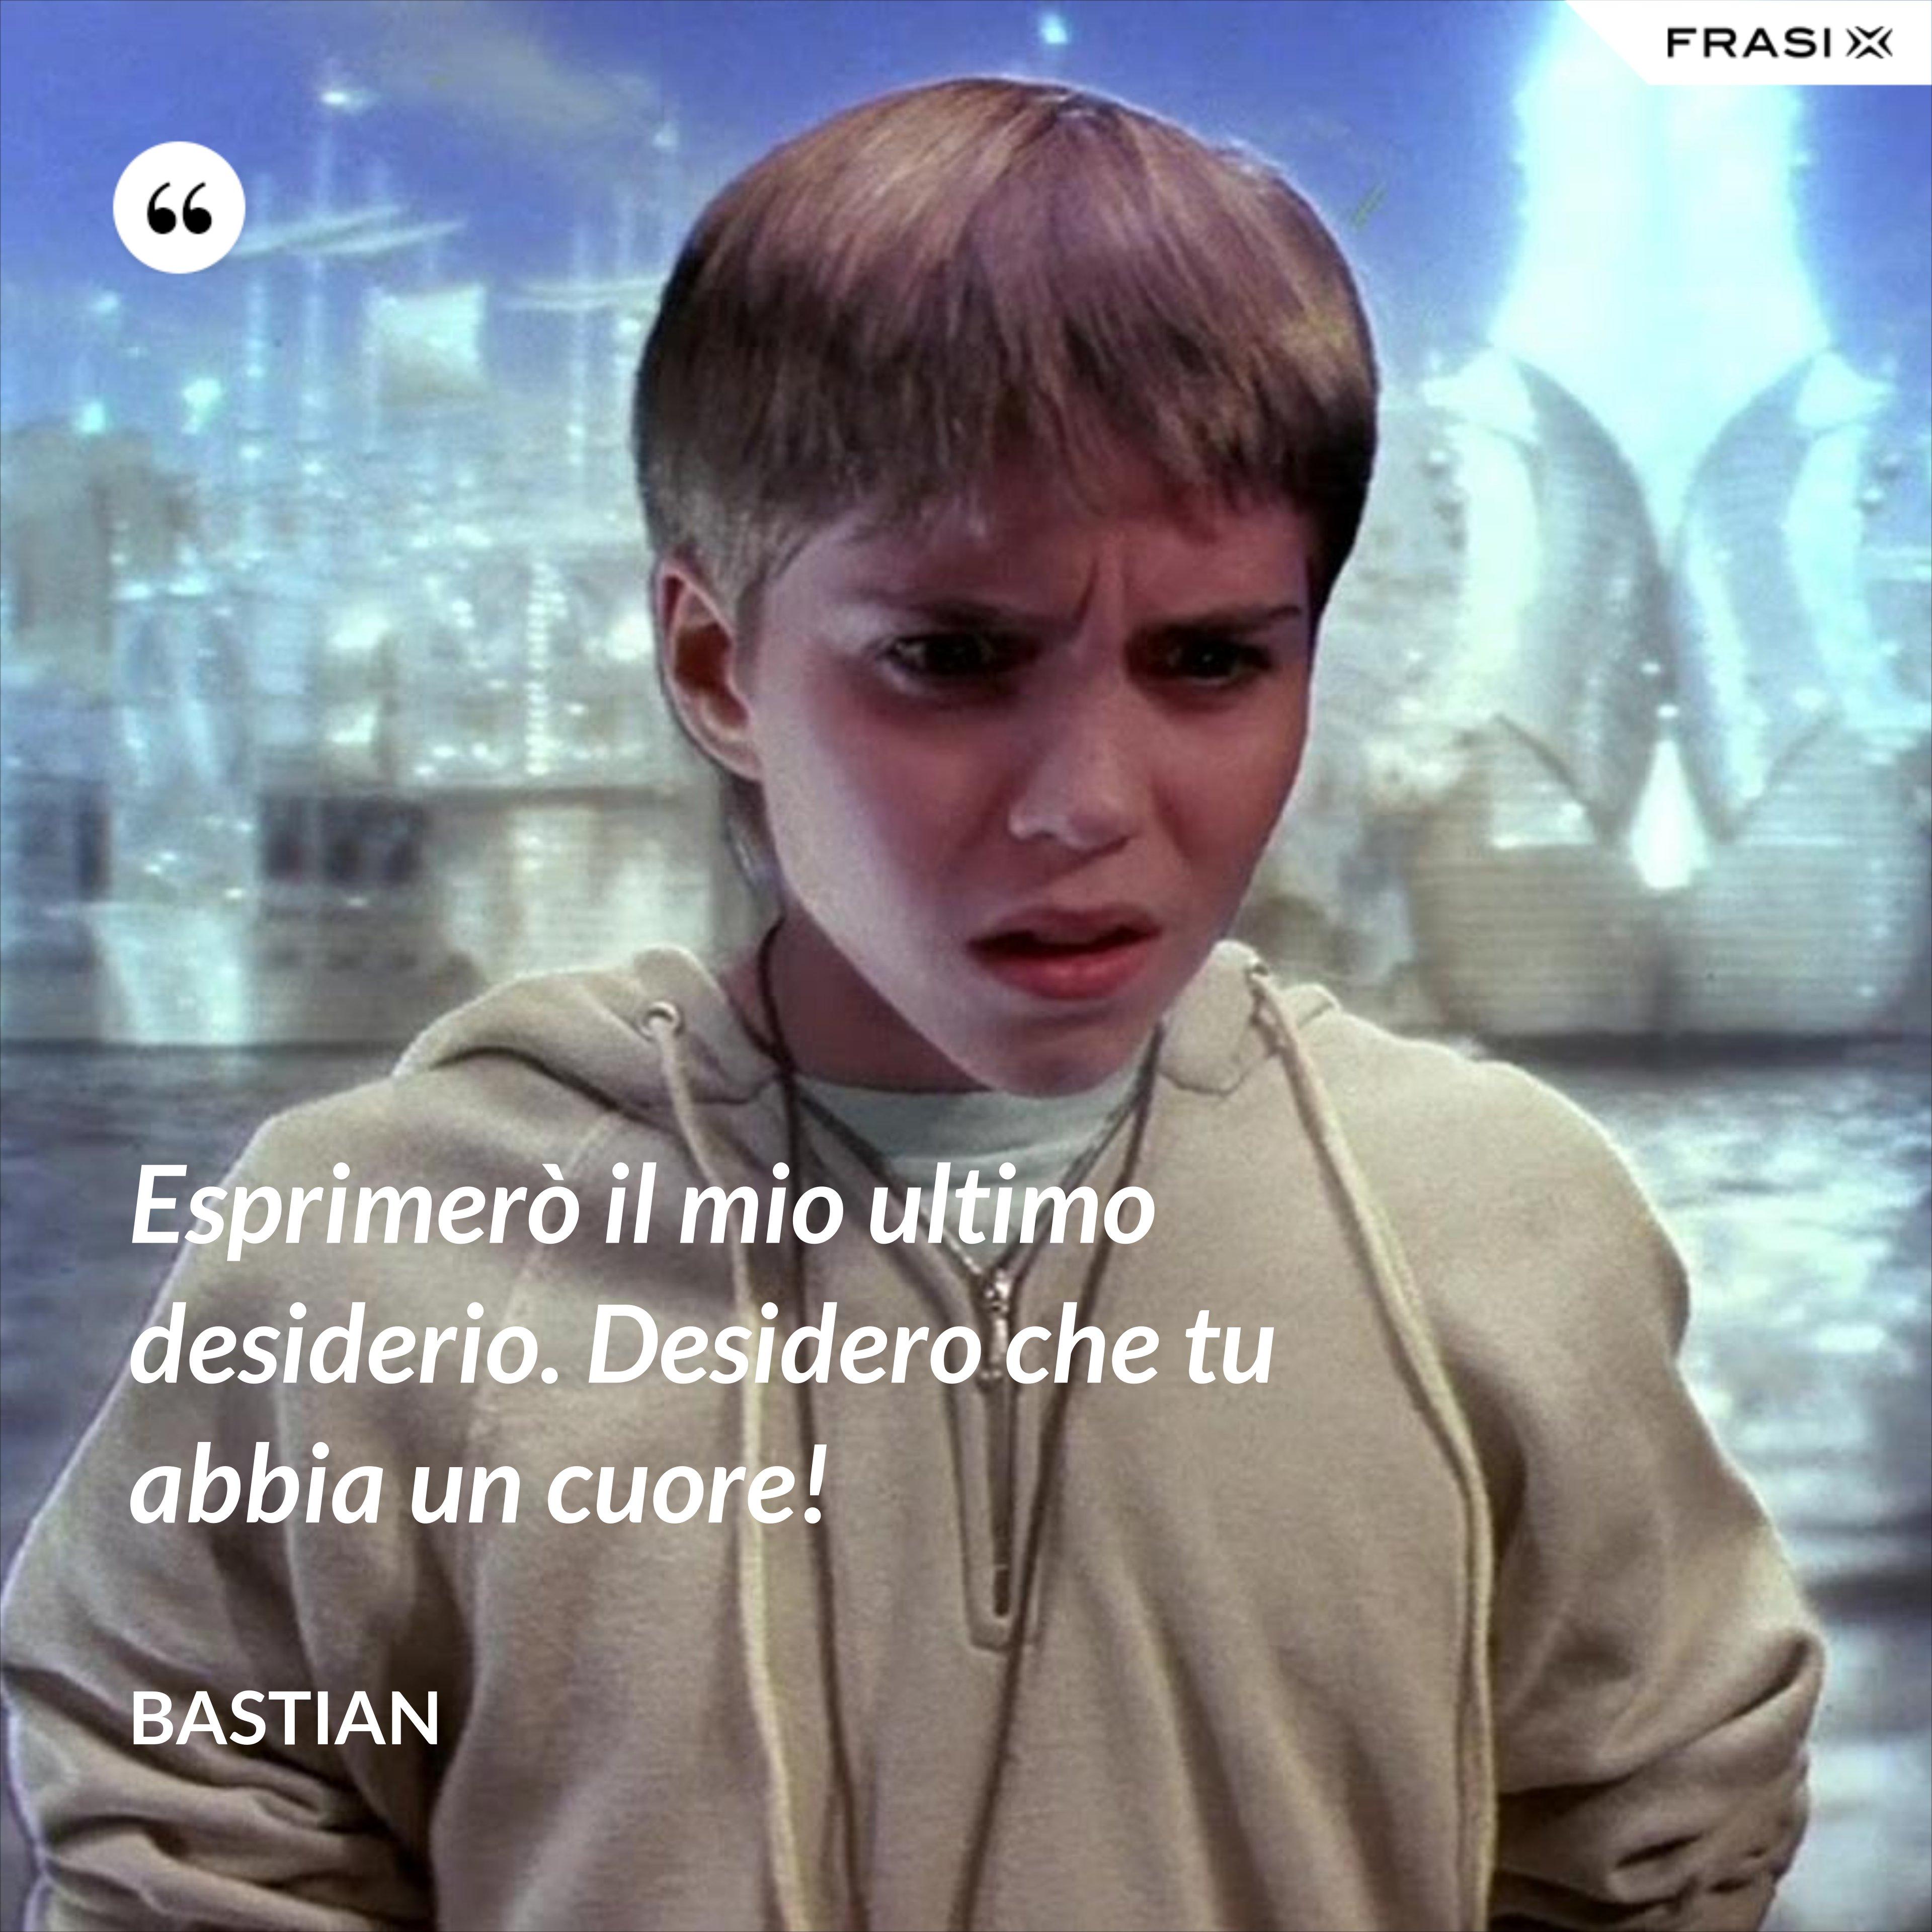 Esprimerò il mio ultimo desiderio. Desidero che tu abbia un cuore! - Bastian